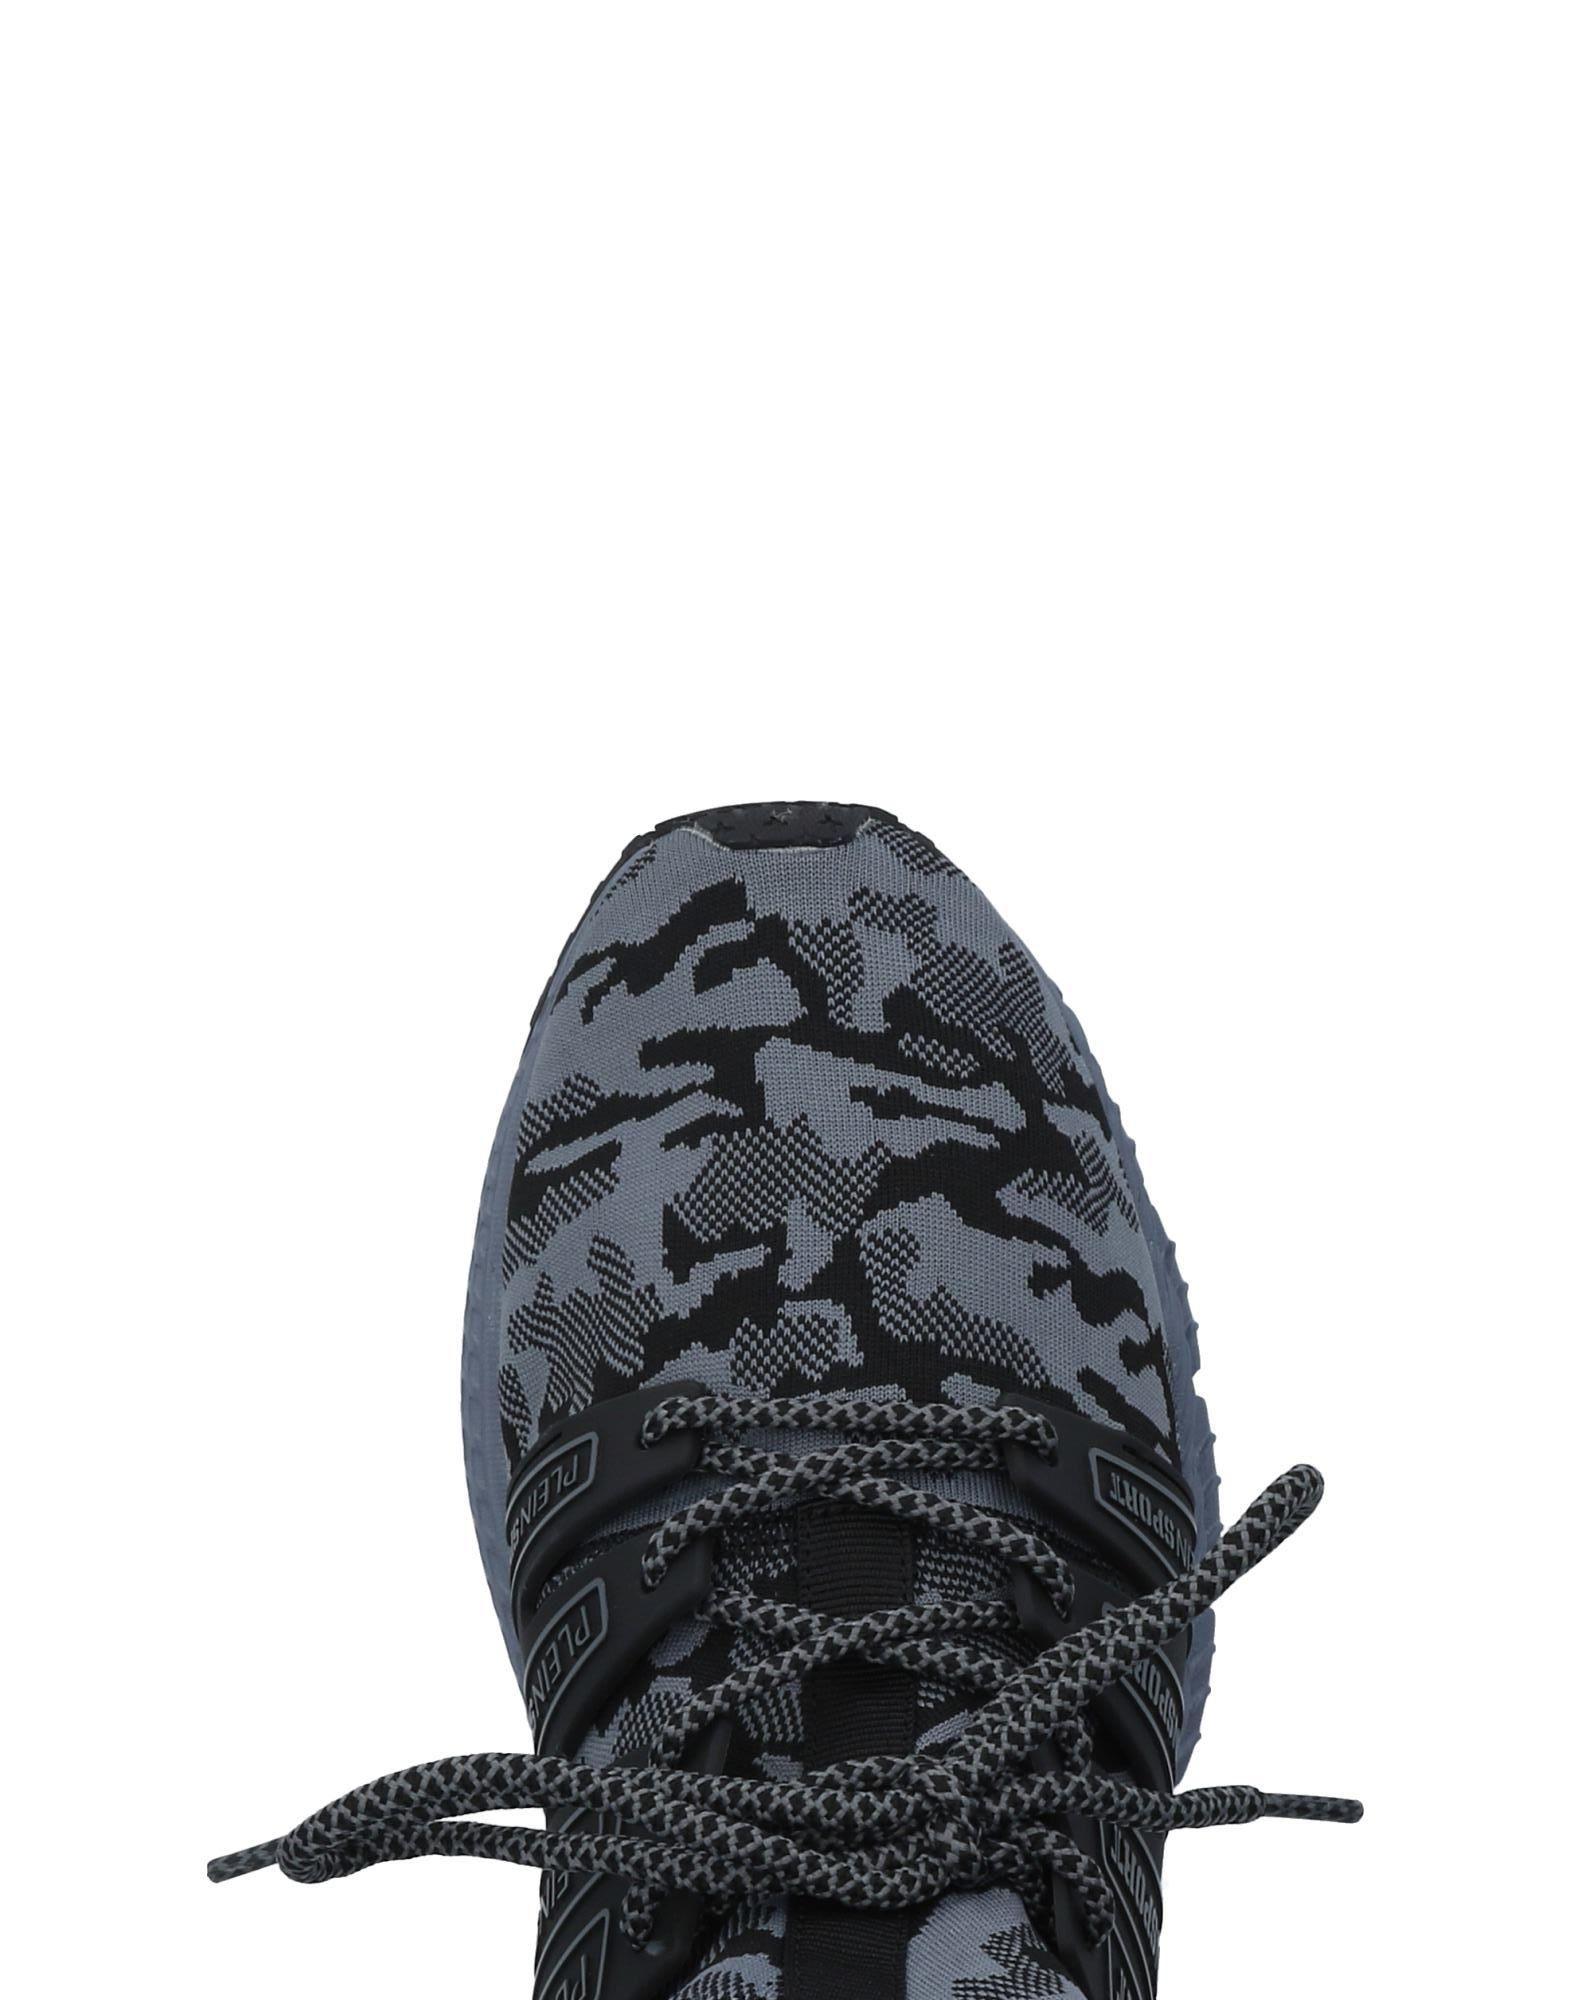 Rabatt echte Sneakers Schuhe Plein Sport Sneakers echte Herren  11495135MX 36a141